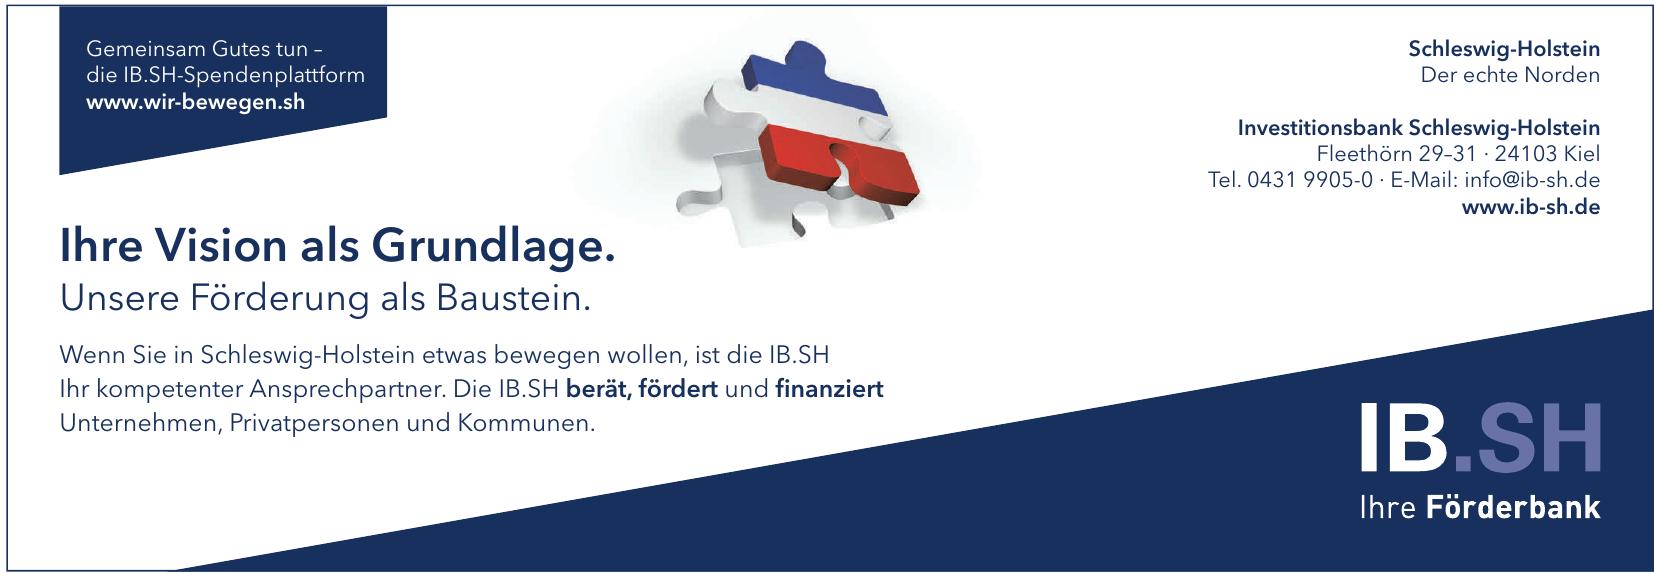 Investitionsbank Schleswig-Holstein